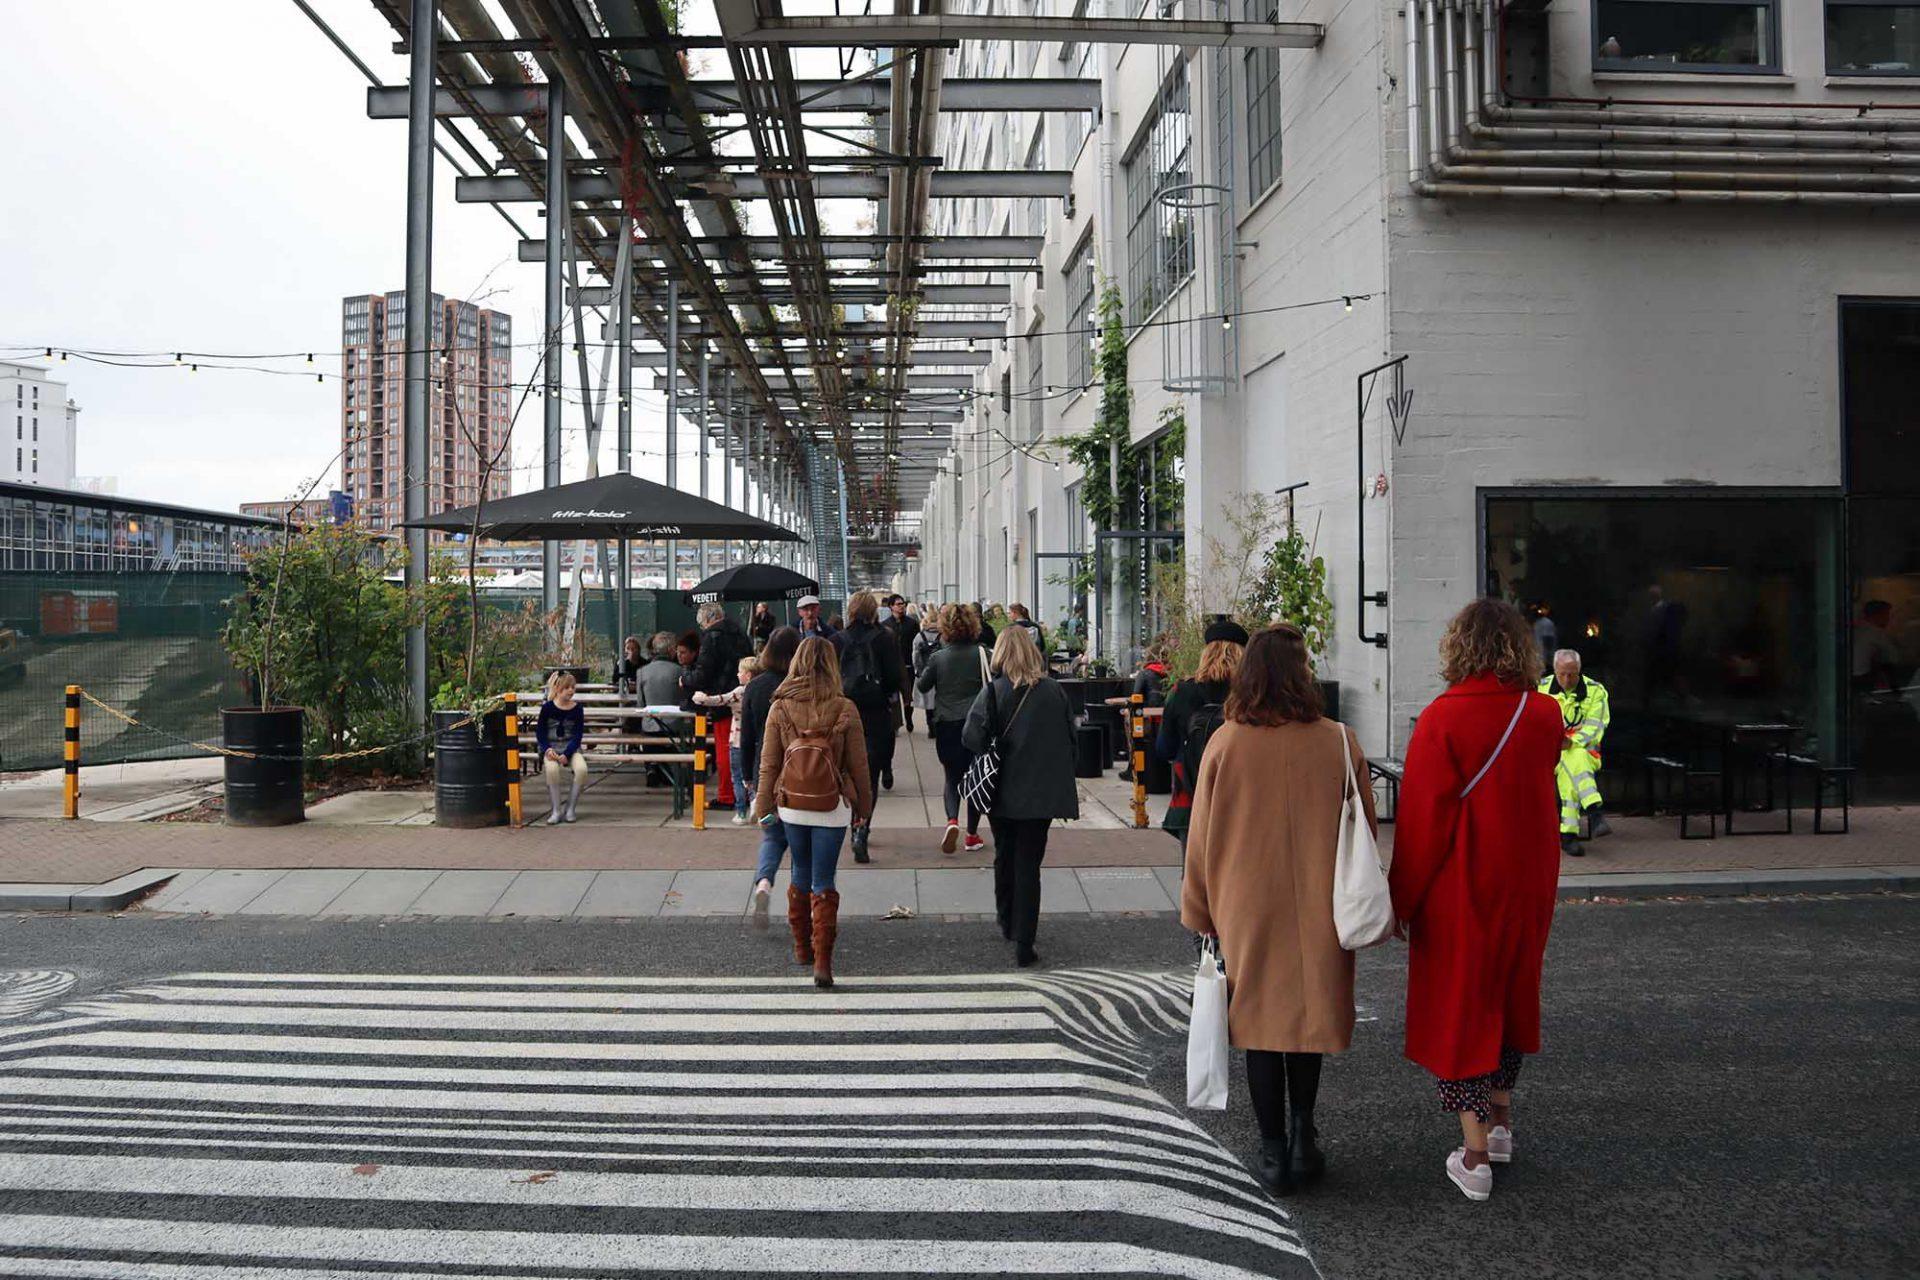 Strijp-S. ... mit städtischen Boulevards.